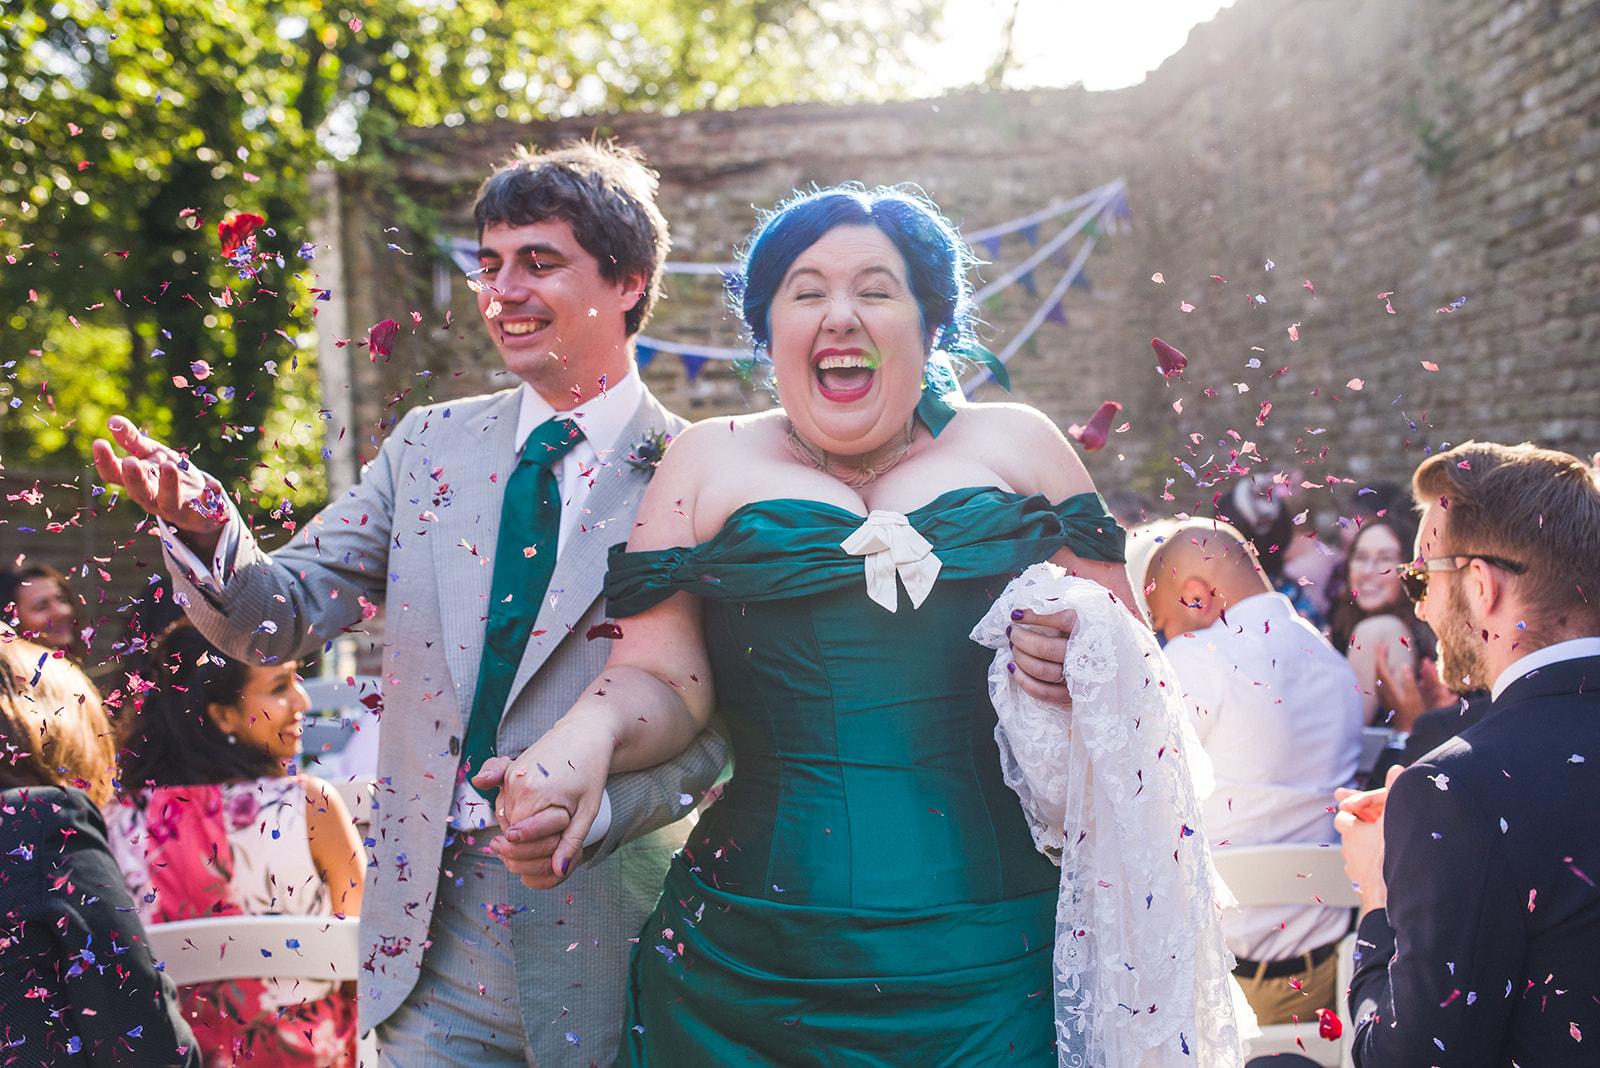 wedding confetti photo - fun wedding - green wedding dress - unique wedding dress